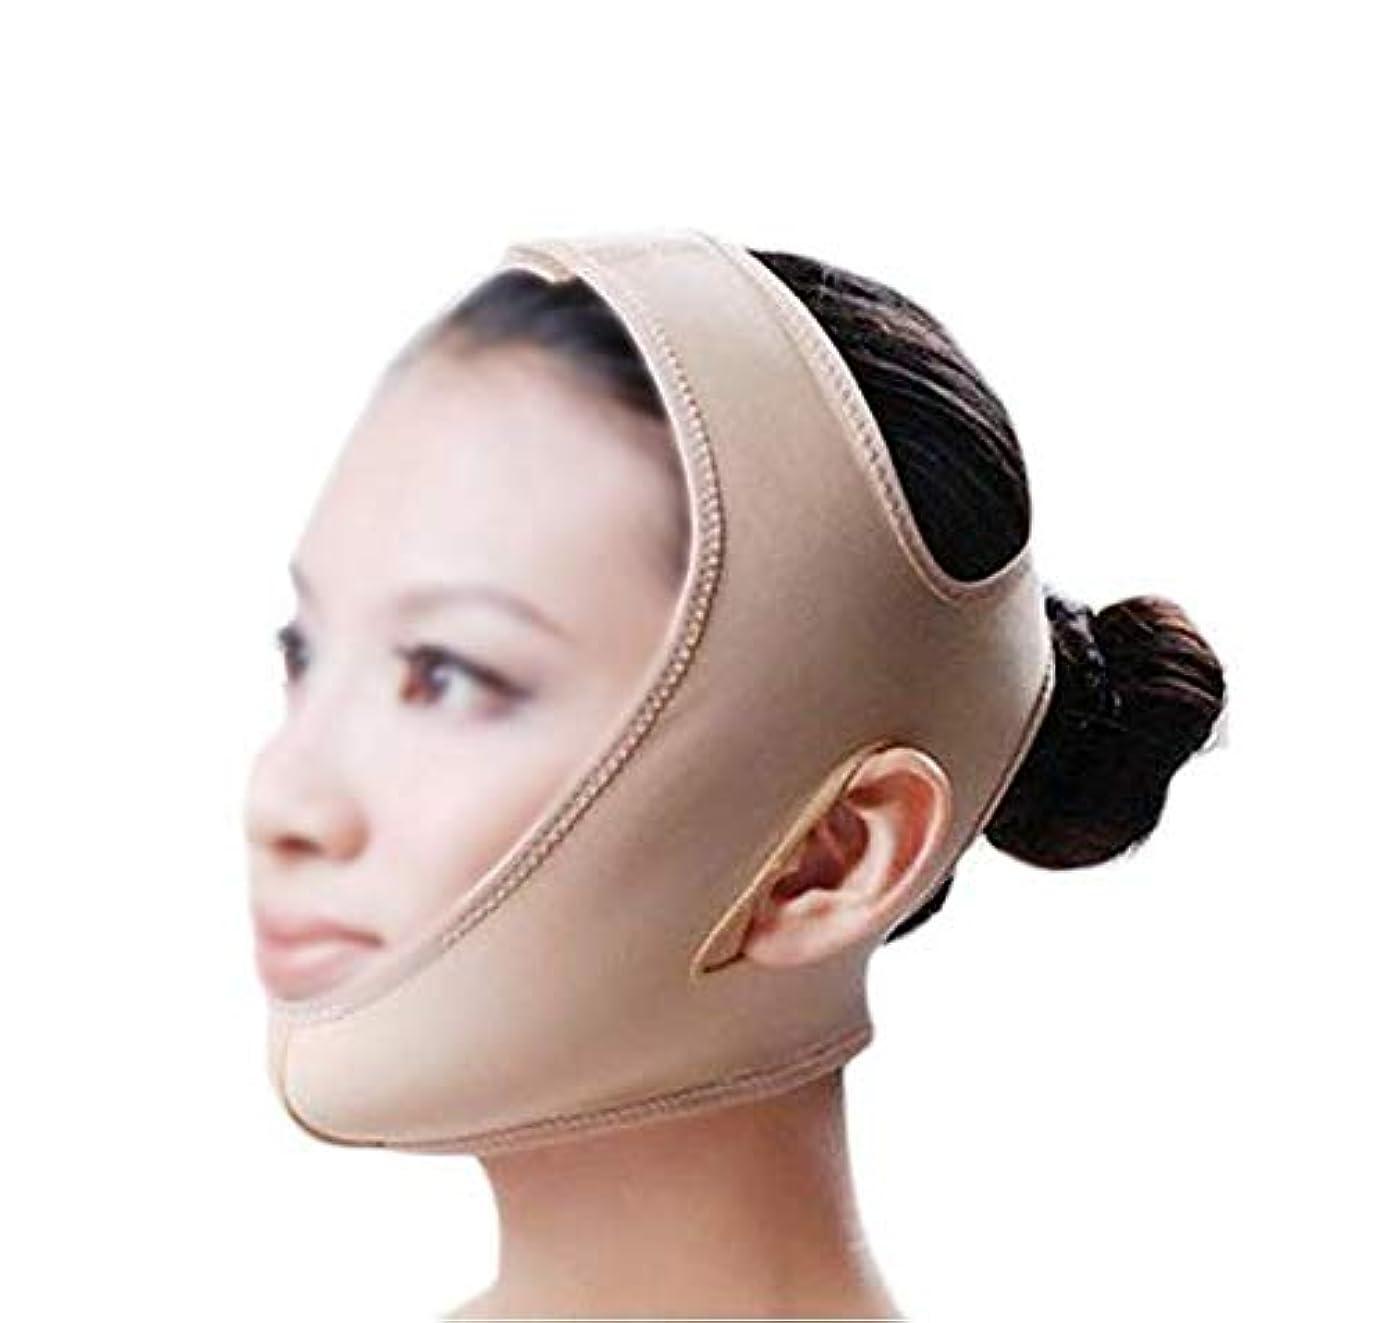 スロベニア枕天皇GLJJQMY 引き締めマスクマスクフェイシャルマスク美容薬マスク美容V顔包帯ライン彫刻引き締めしっかりした二重あごマスク 顔用整形マスク (Size : M)